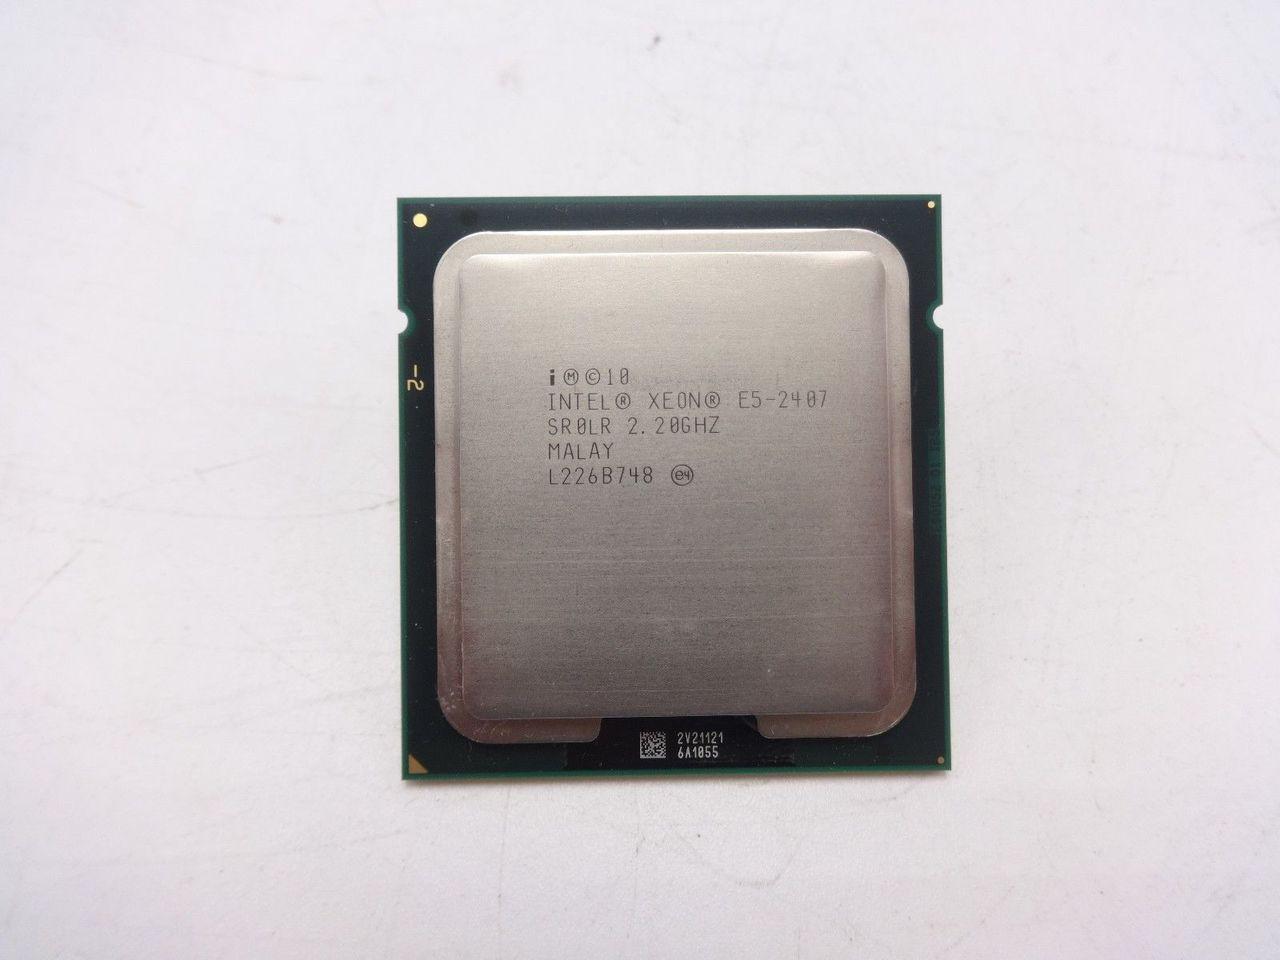 Intel SR0LR E5-2407 QC 2.2GHZ/10MB Processor 8P6G0